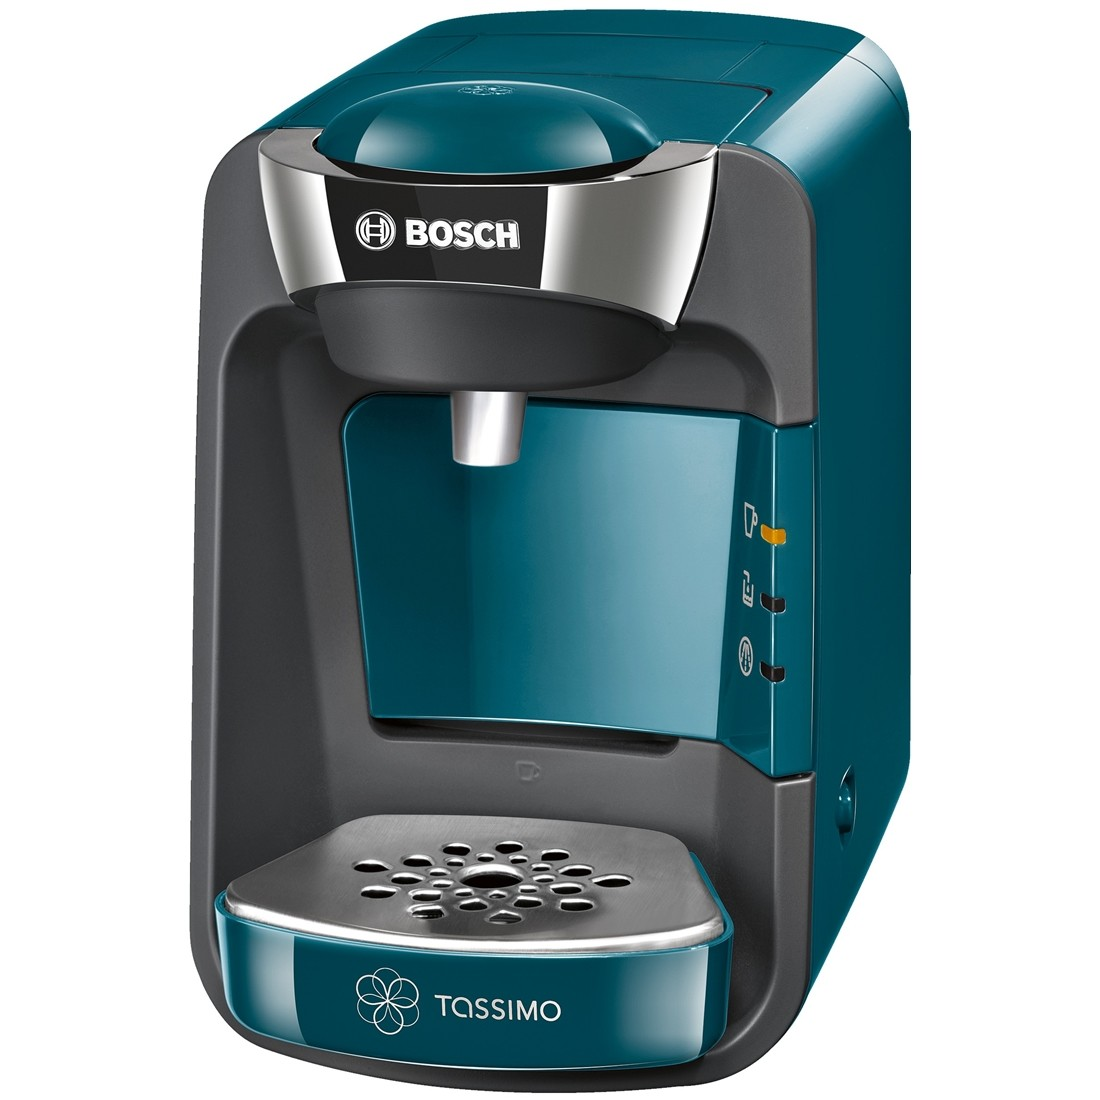 kávovar BOSCH Tassimo TAS3205